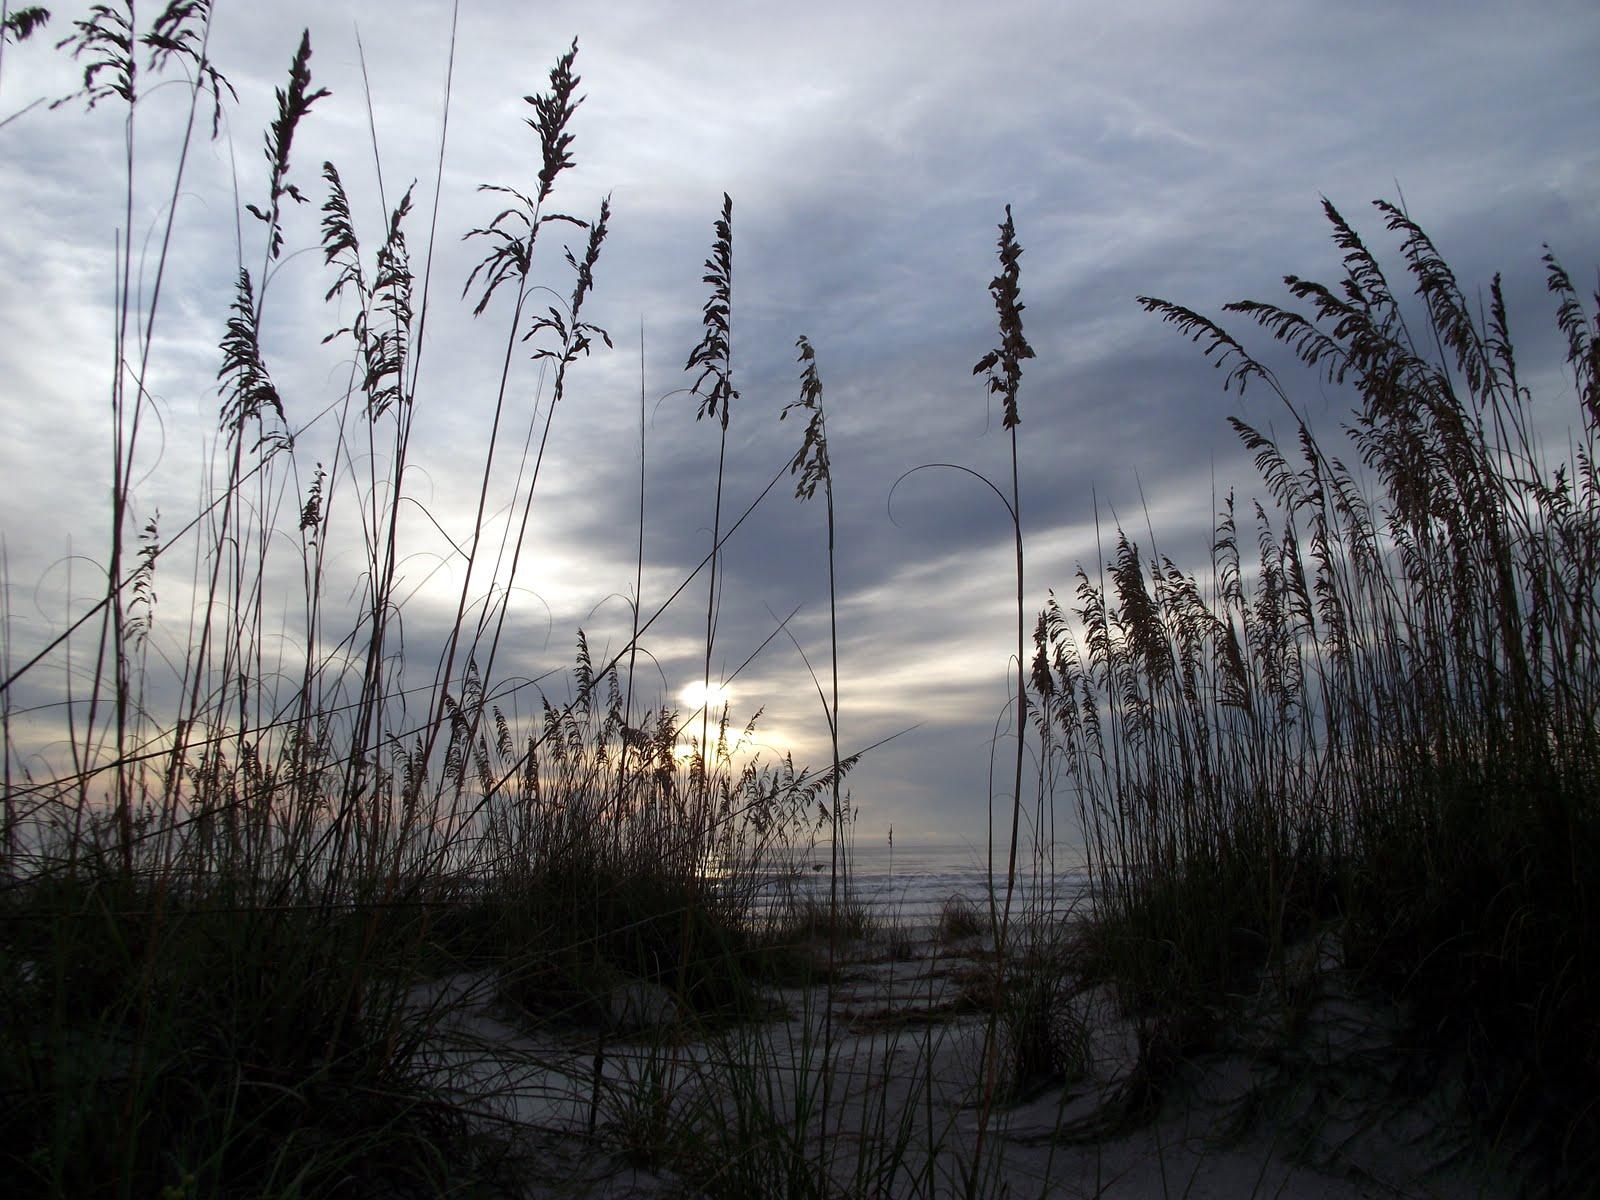 The Essential Beachcomber: Sep 1, 2011